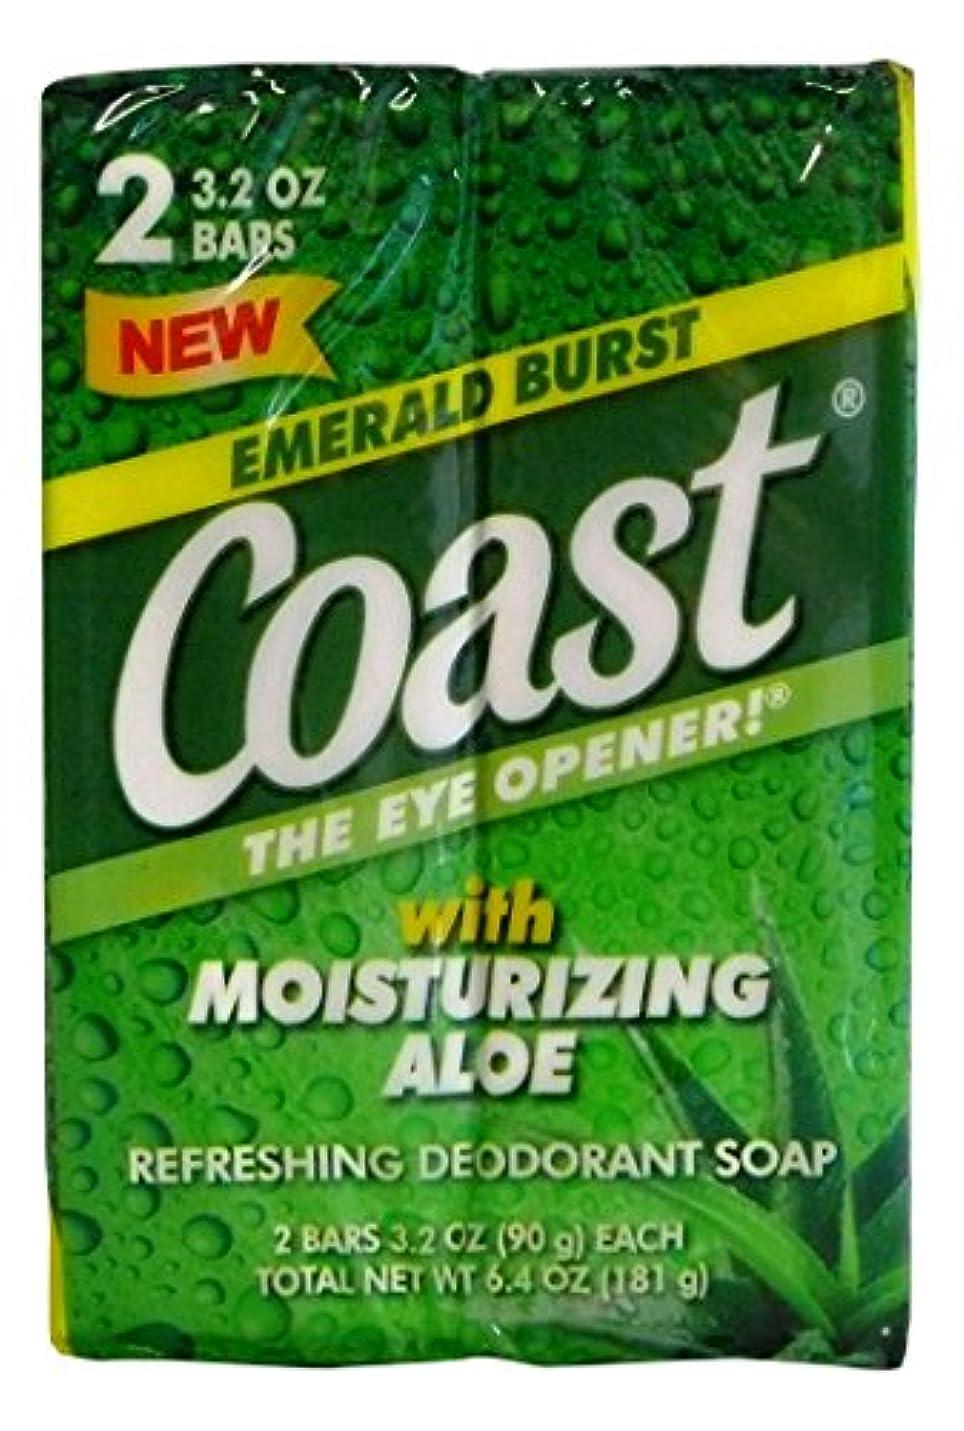 信頼できるいいね狂うコースト 固形石鹸 エメラルドバースト 90g 2個入